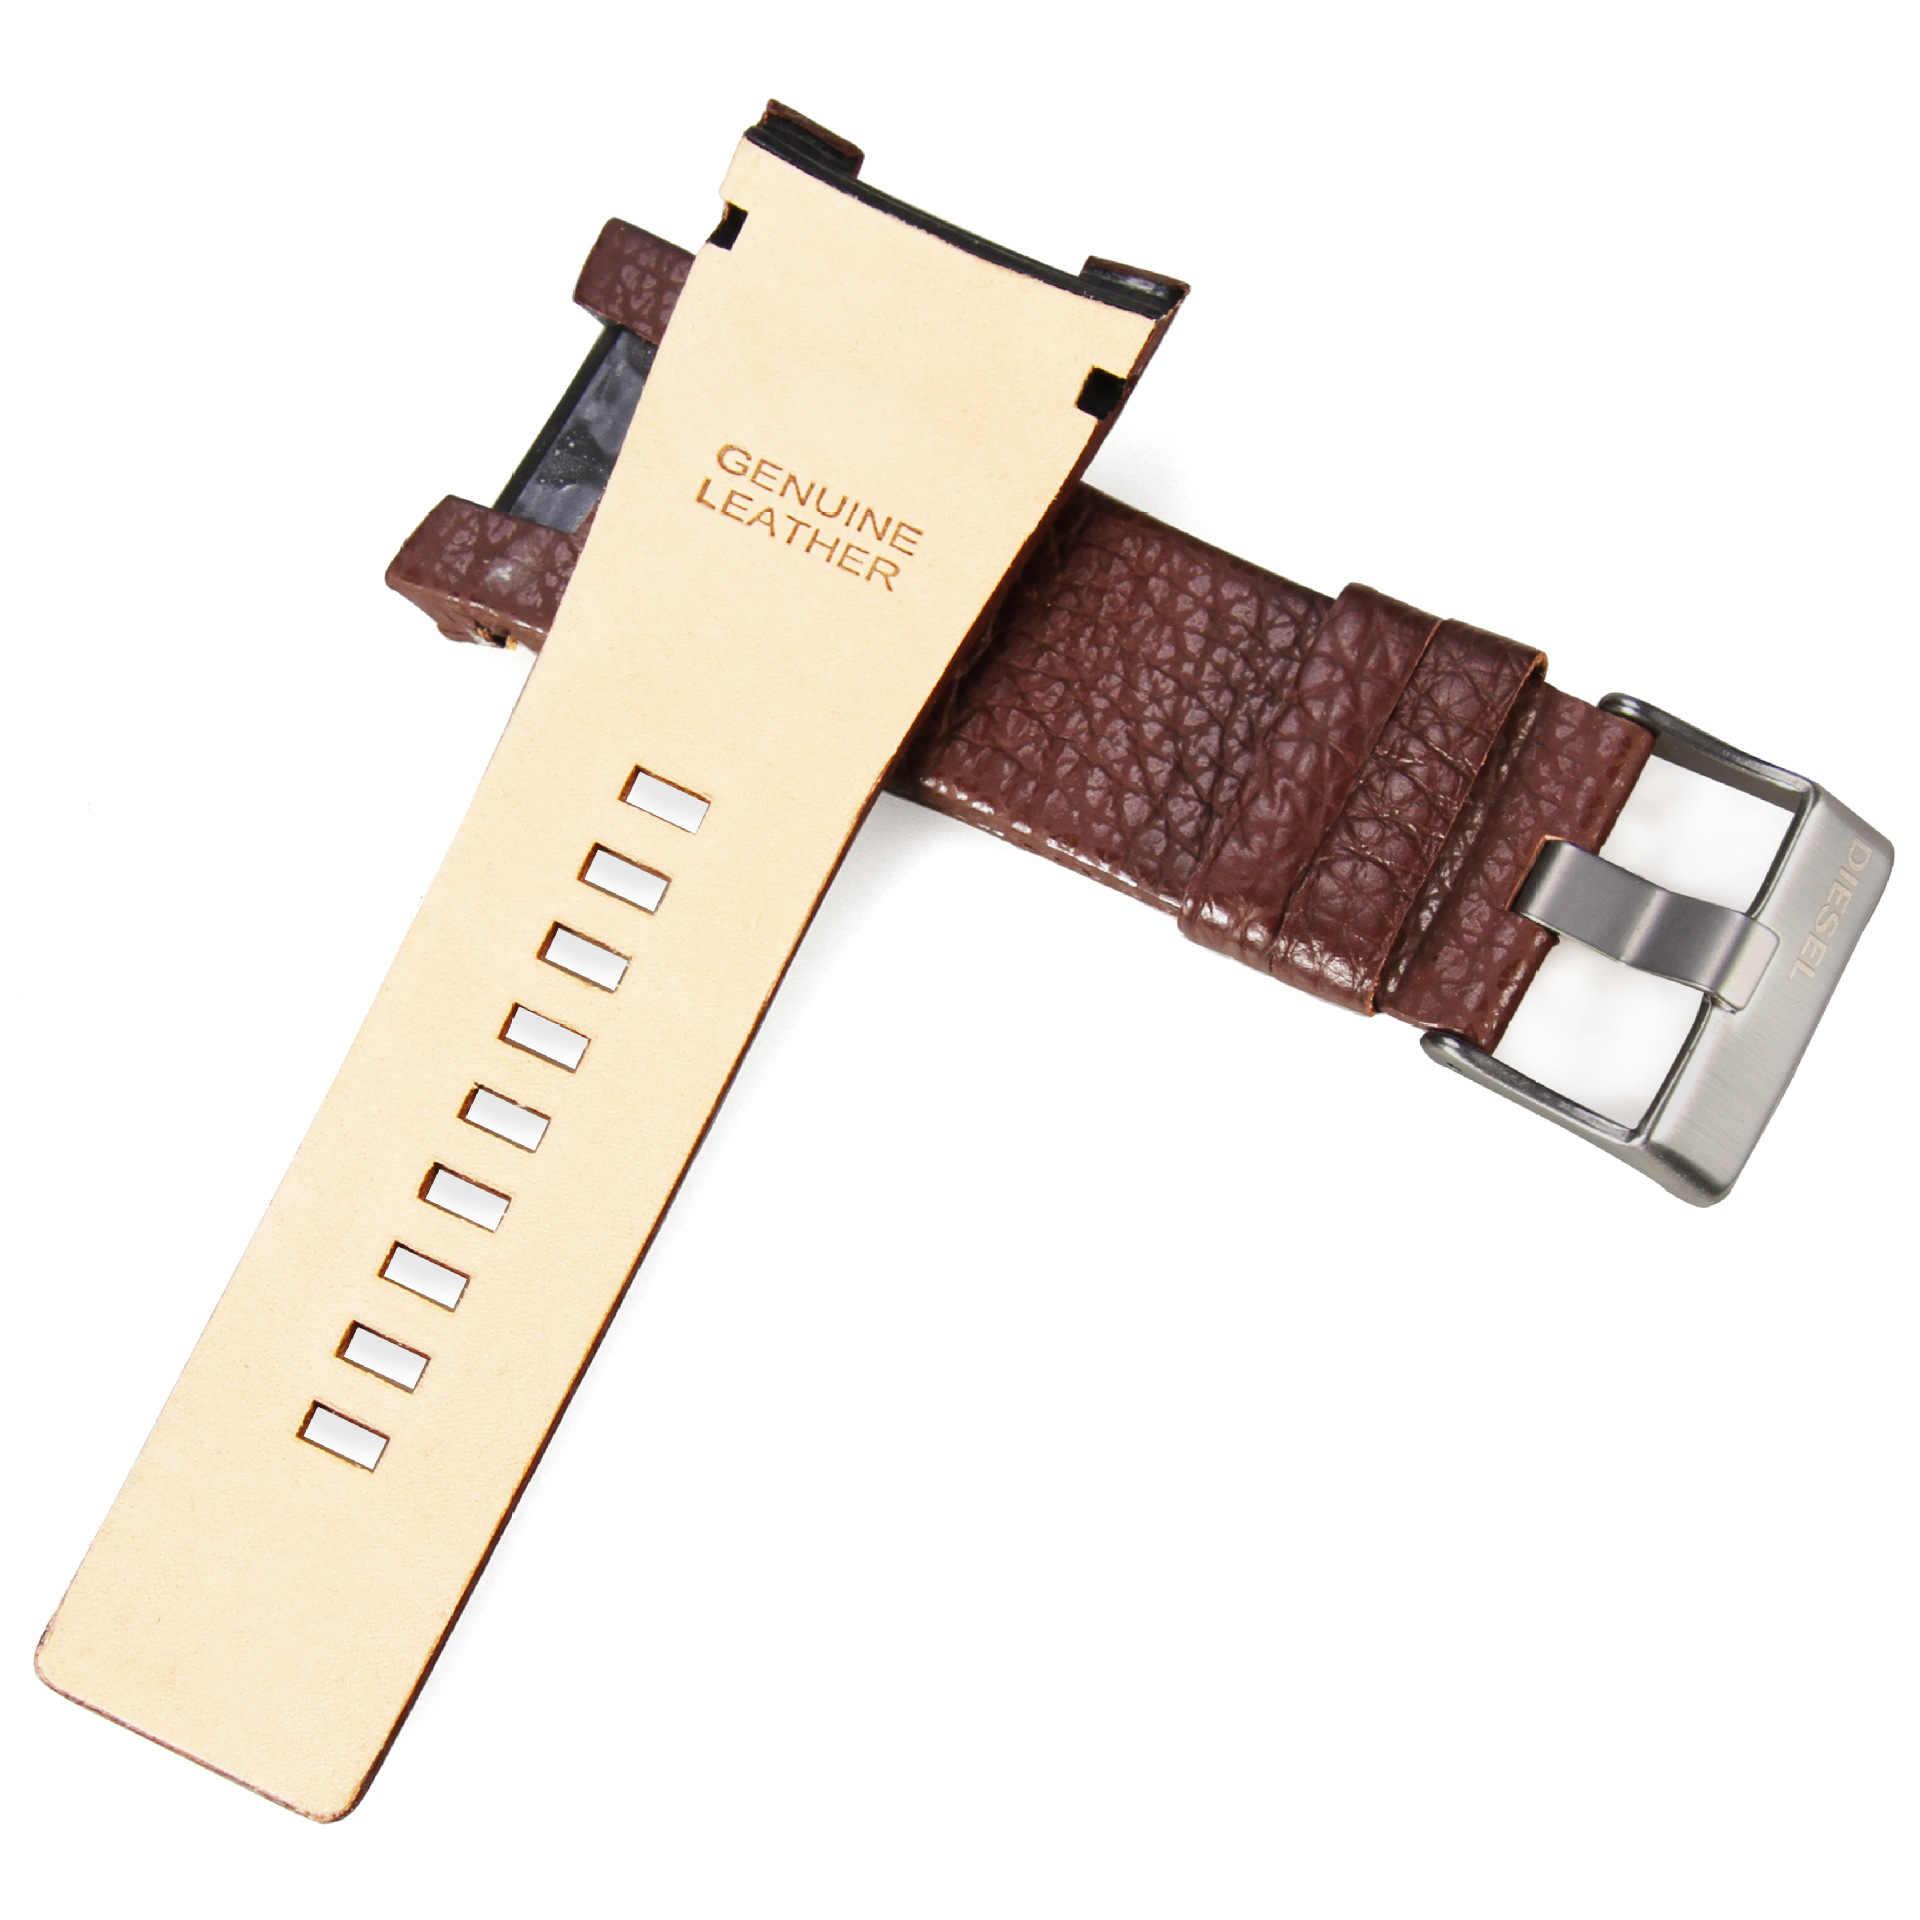 Correa de cuero de 32mm litchi grano correa de reloj de cuero genuino negro-marrón resistente al agua adecuado para reloj diésel